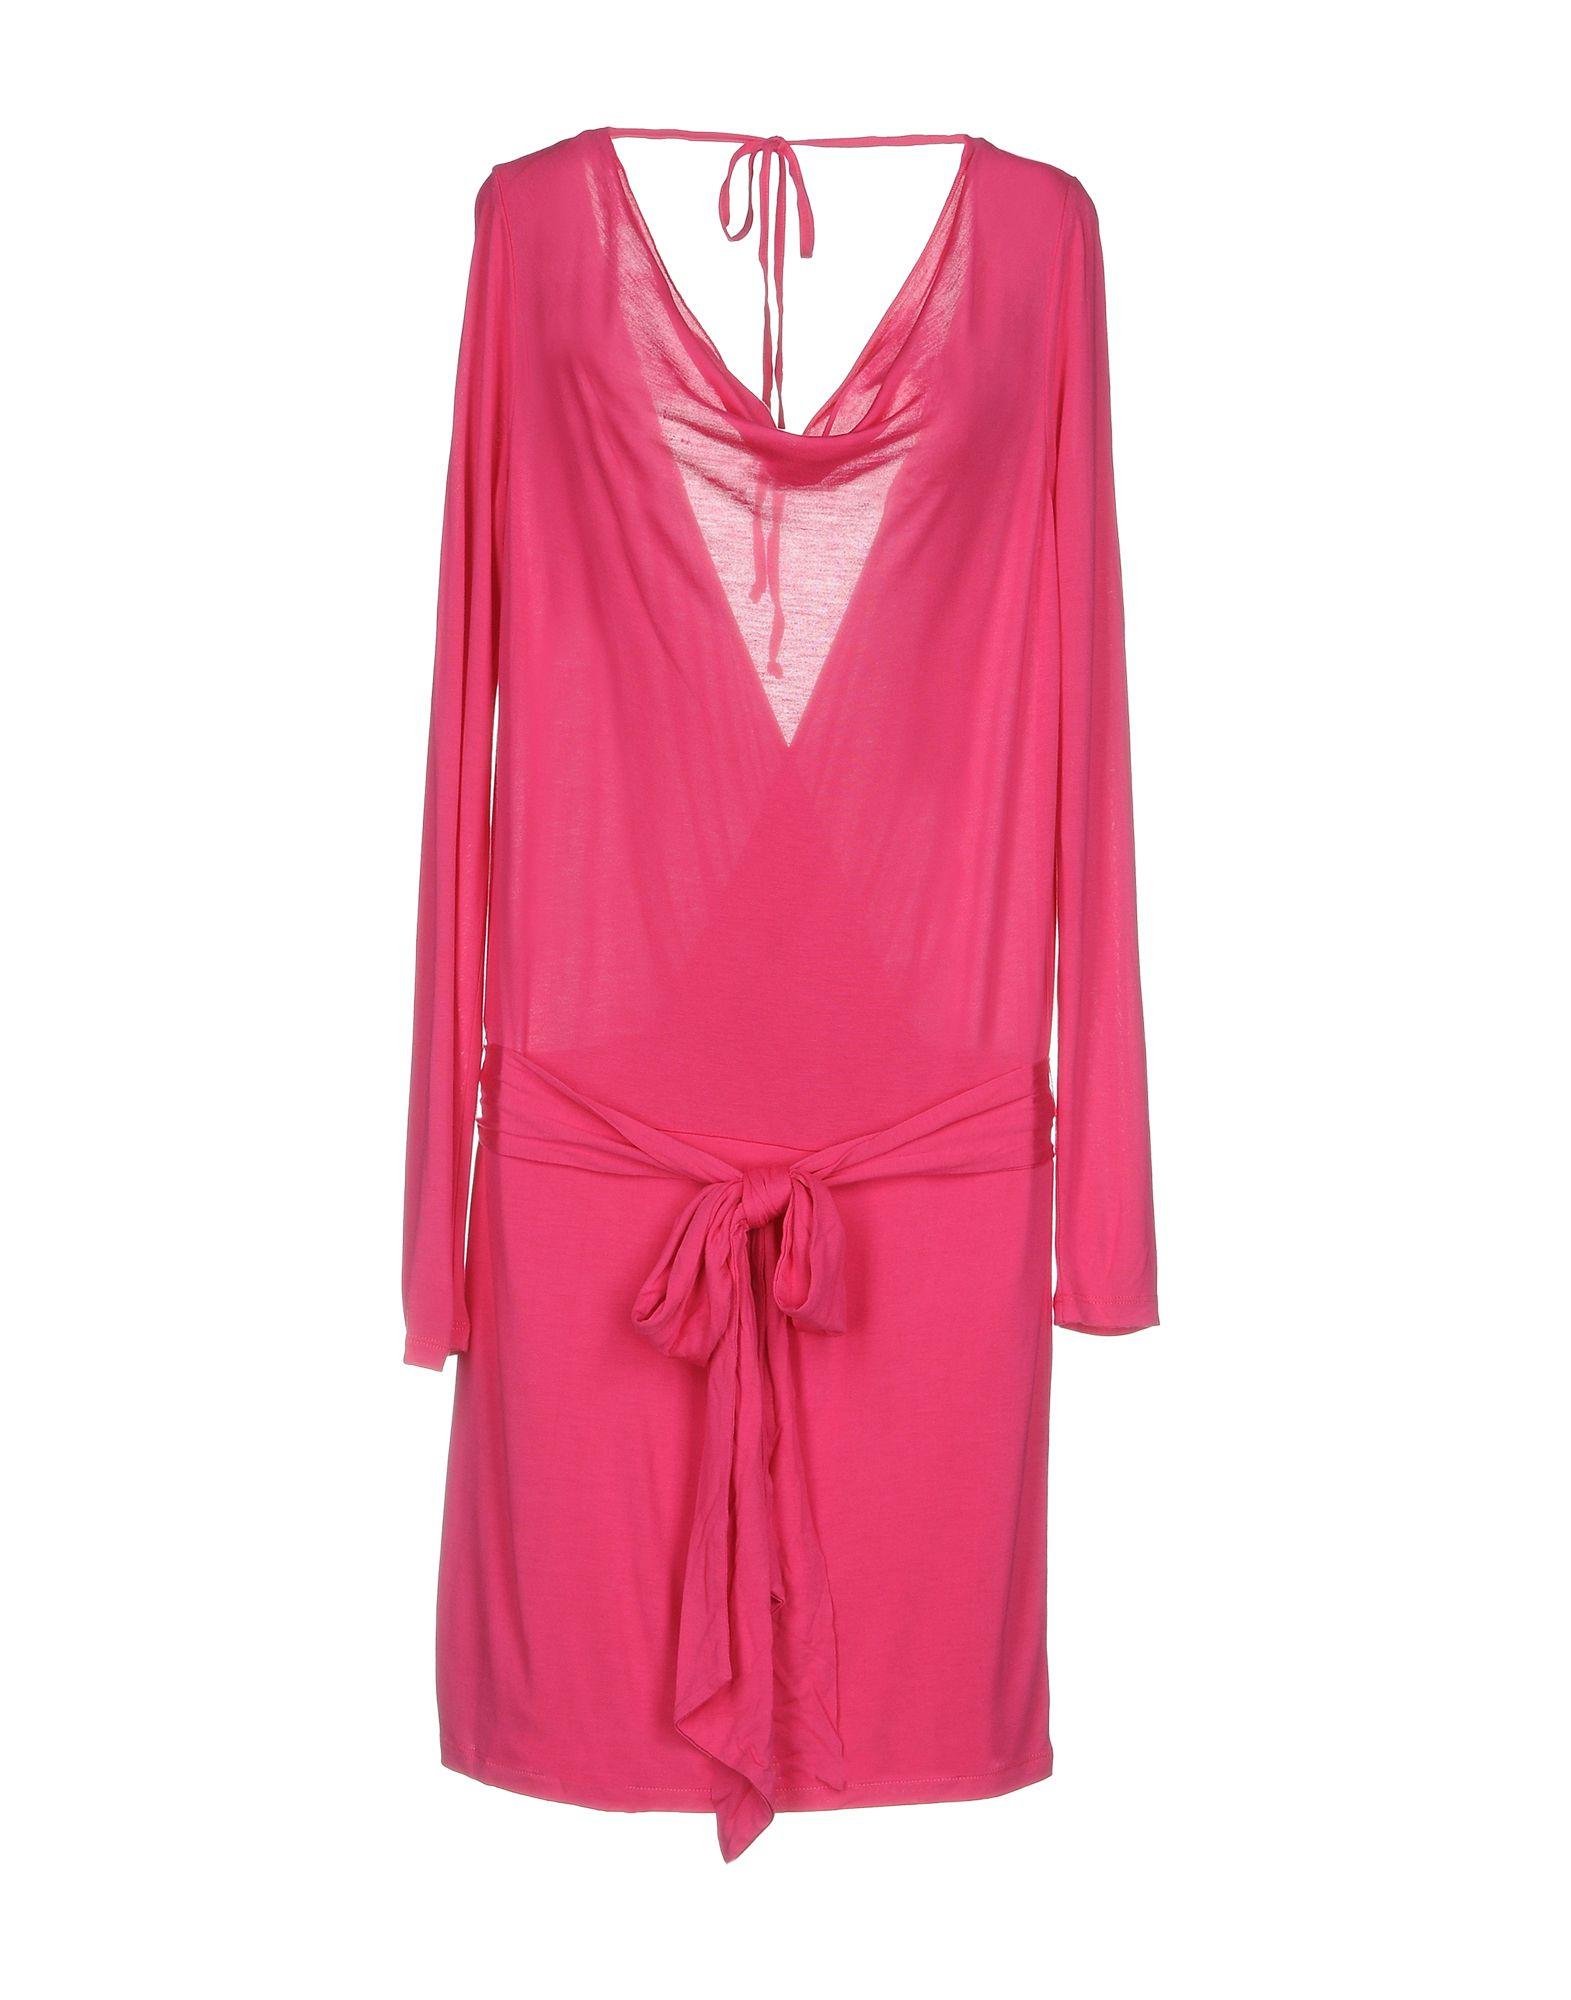 HAUTE HIPPIE Damen Kurzes Kleid Farbe Fuchsia Größe 5